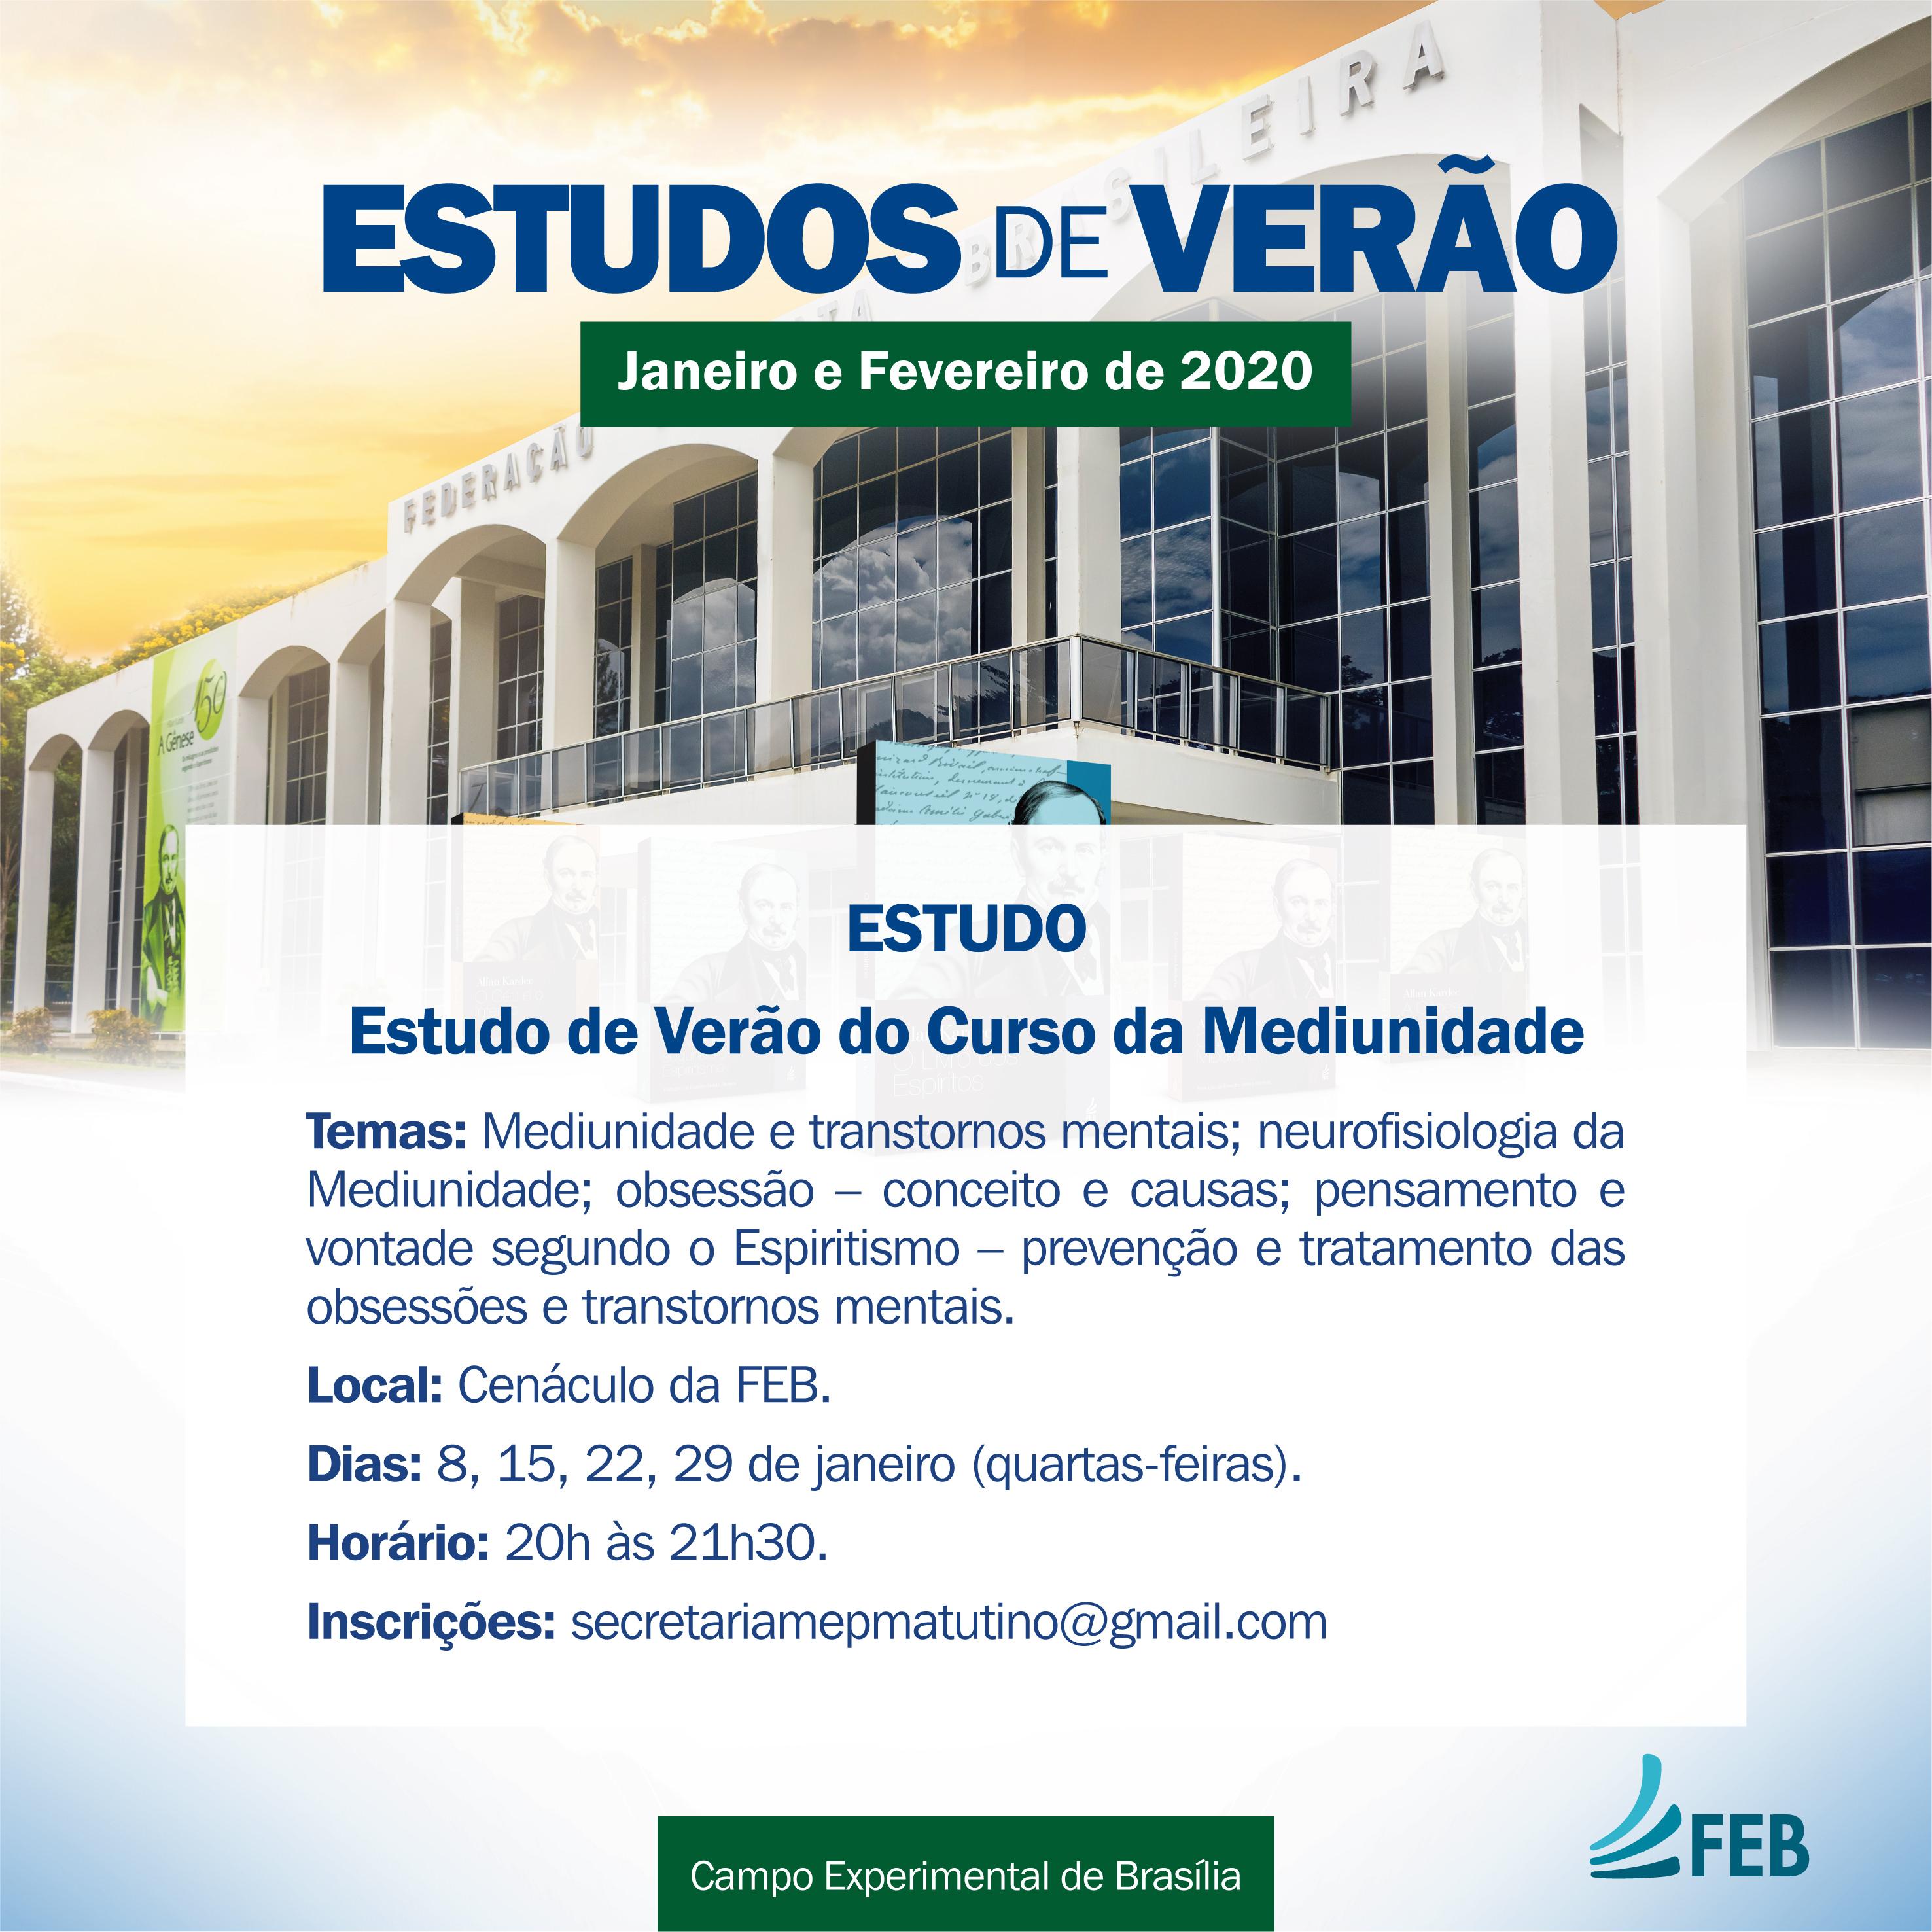 ESTUDO DE VERÃO 2019 What app-04